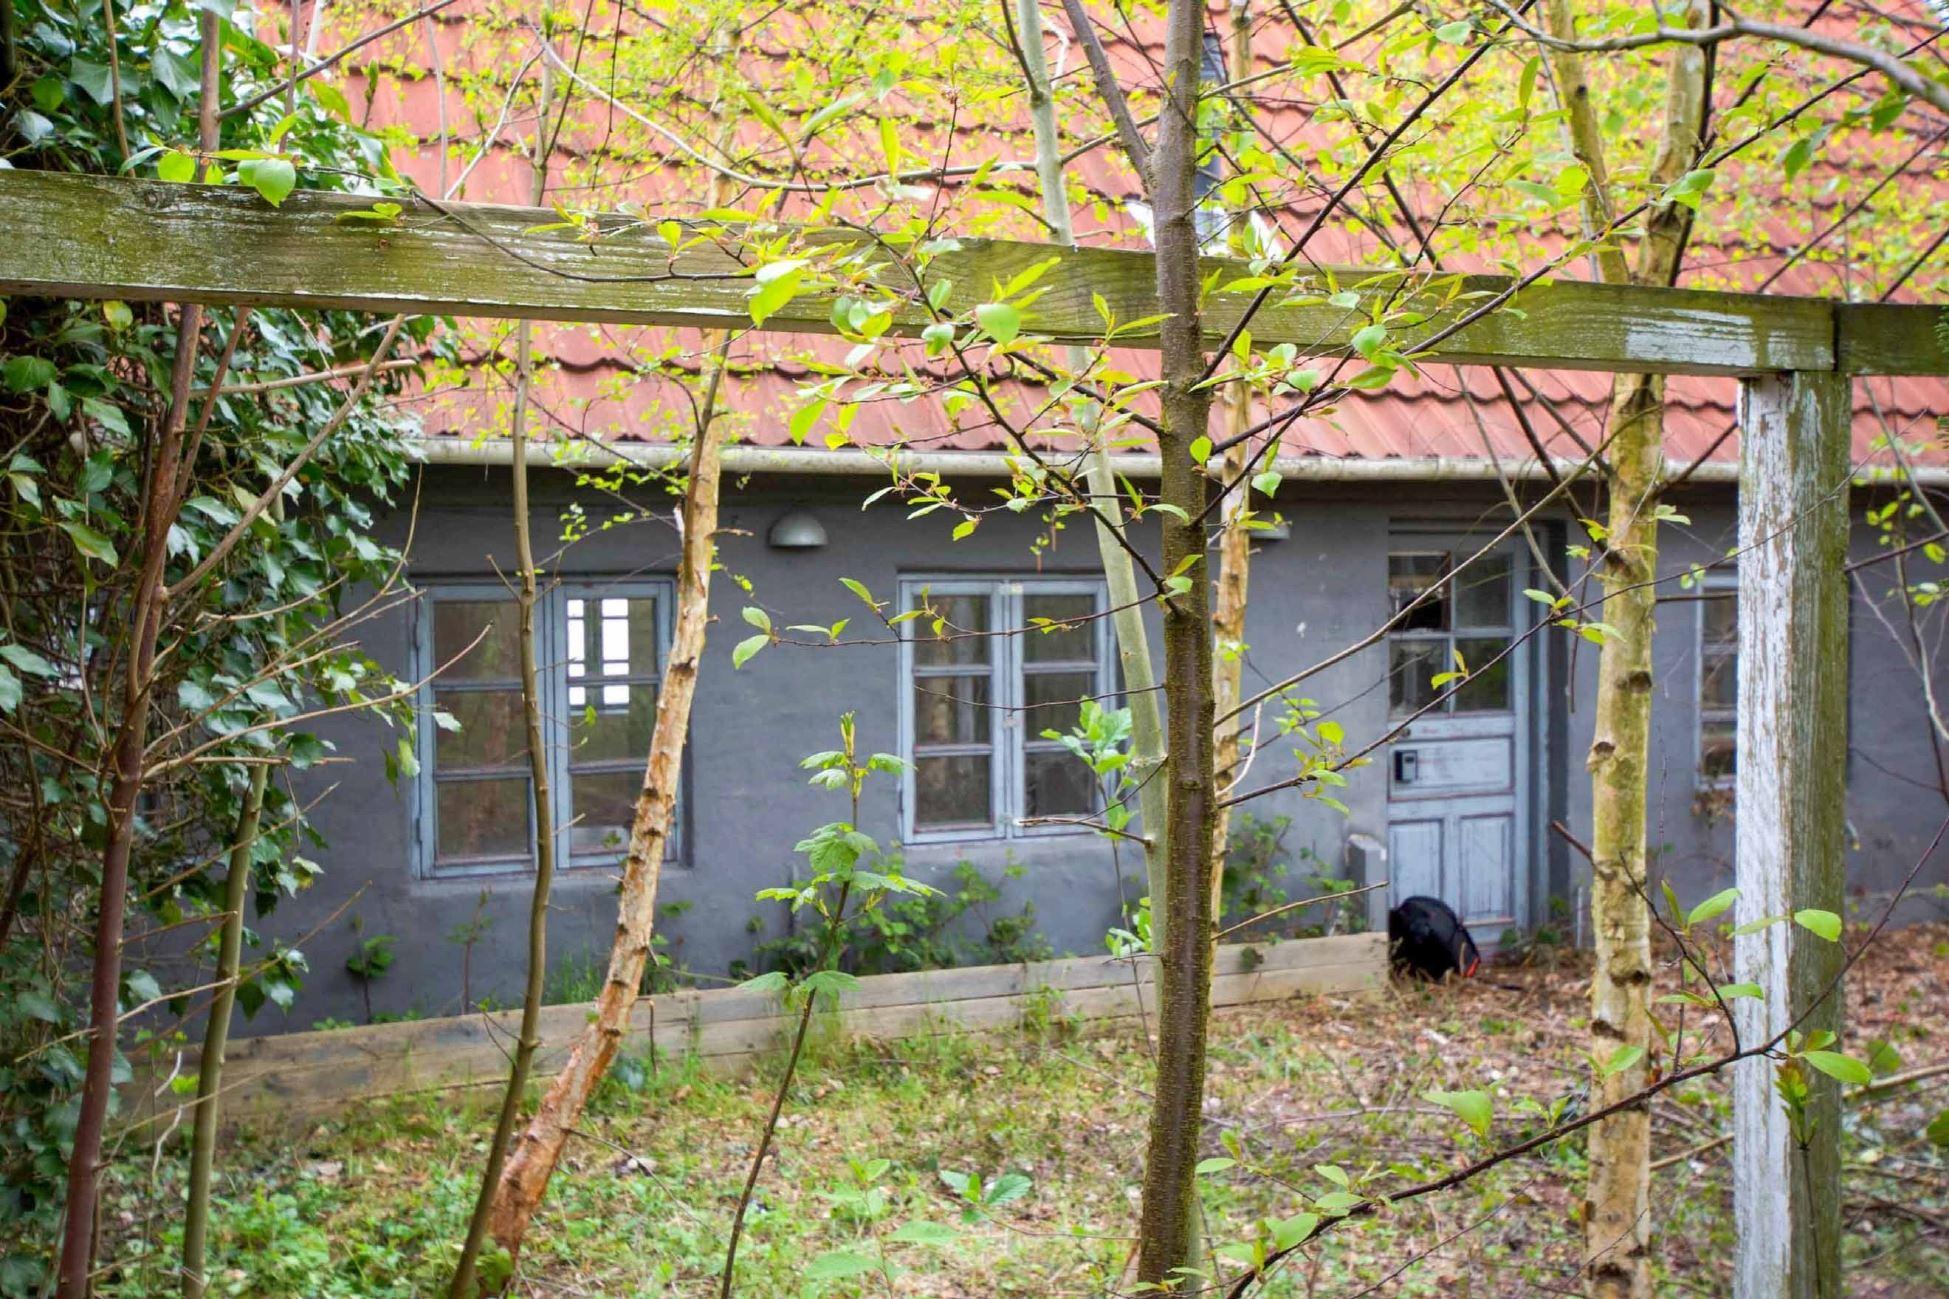 Krügersvej 29, 6541 Bevtoft